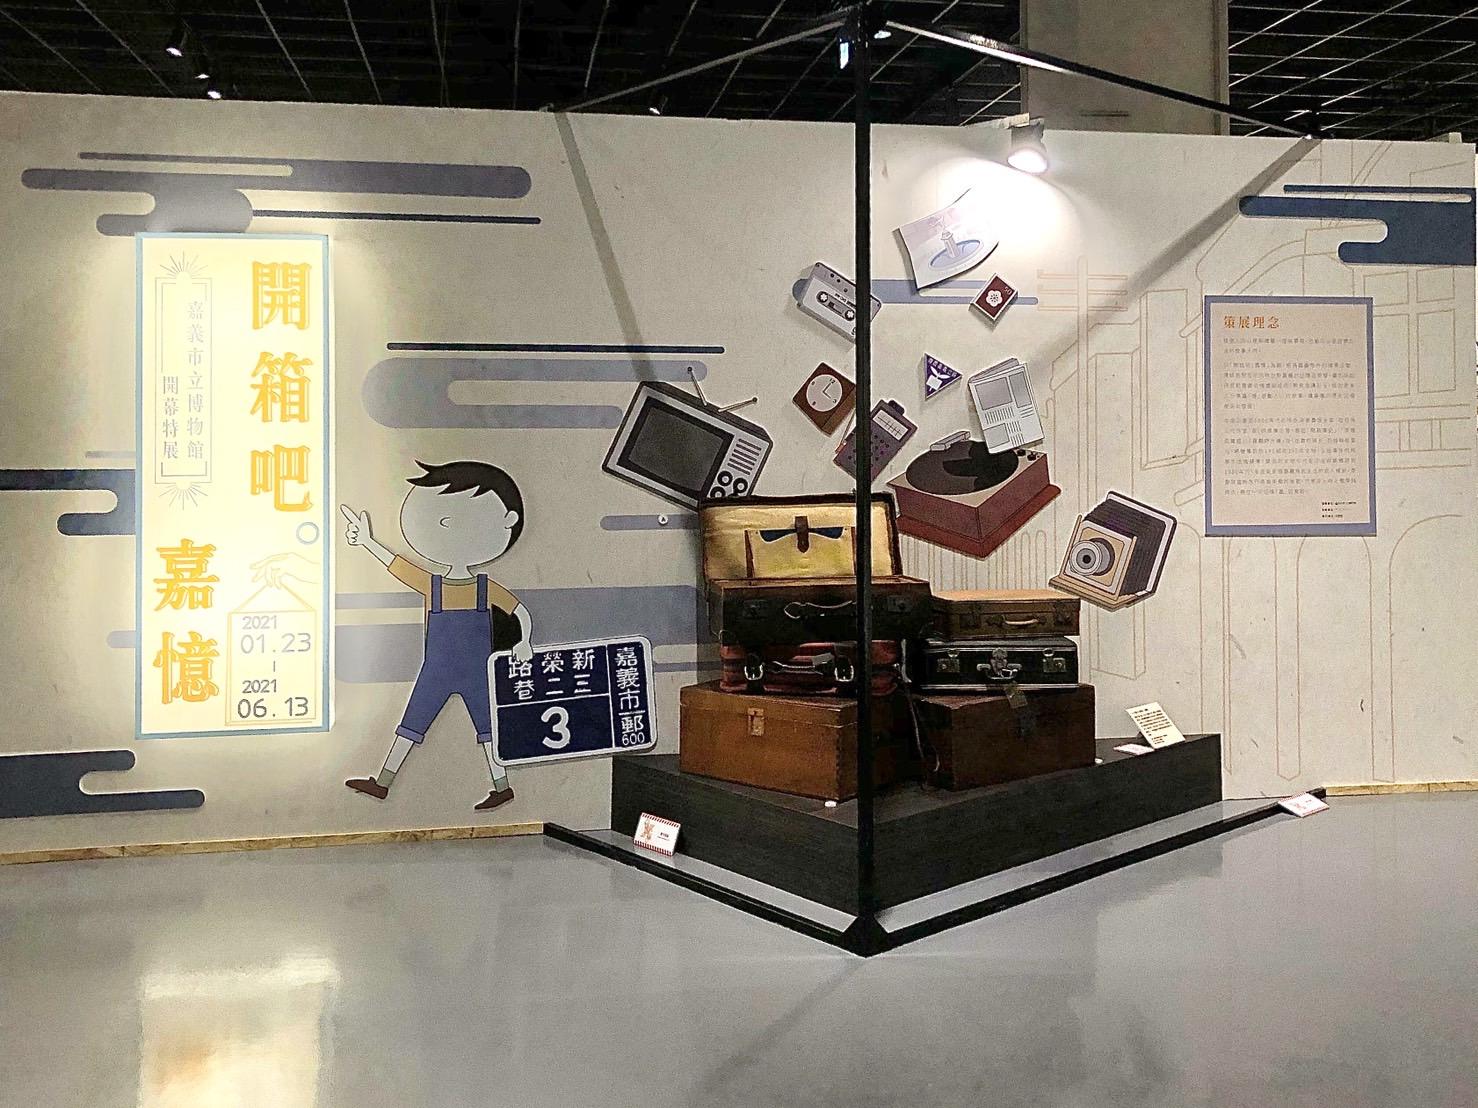 【博物之島新訊】重返1980年代的嘉憶─開箱嘉義市立博物館開幕特展巧思